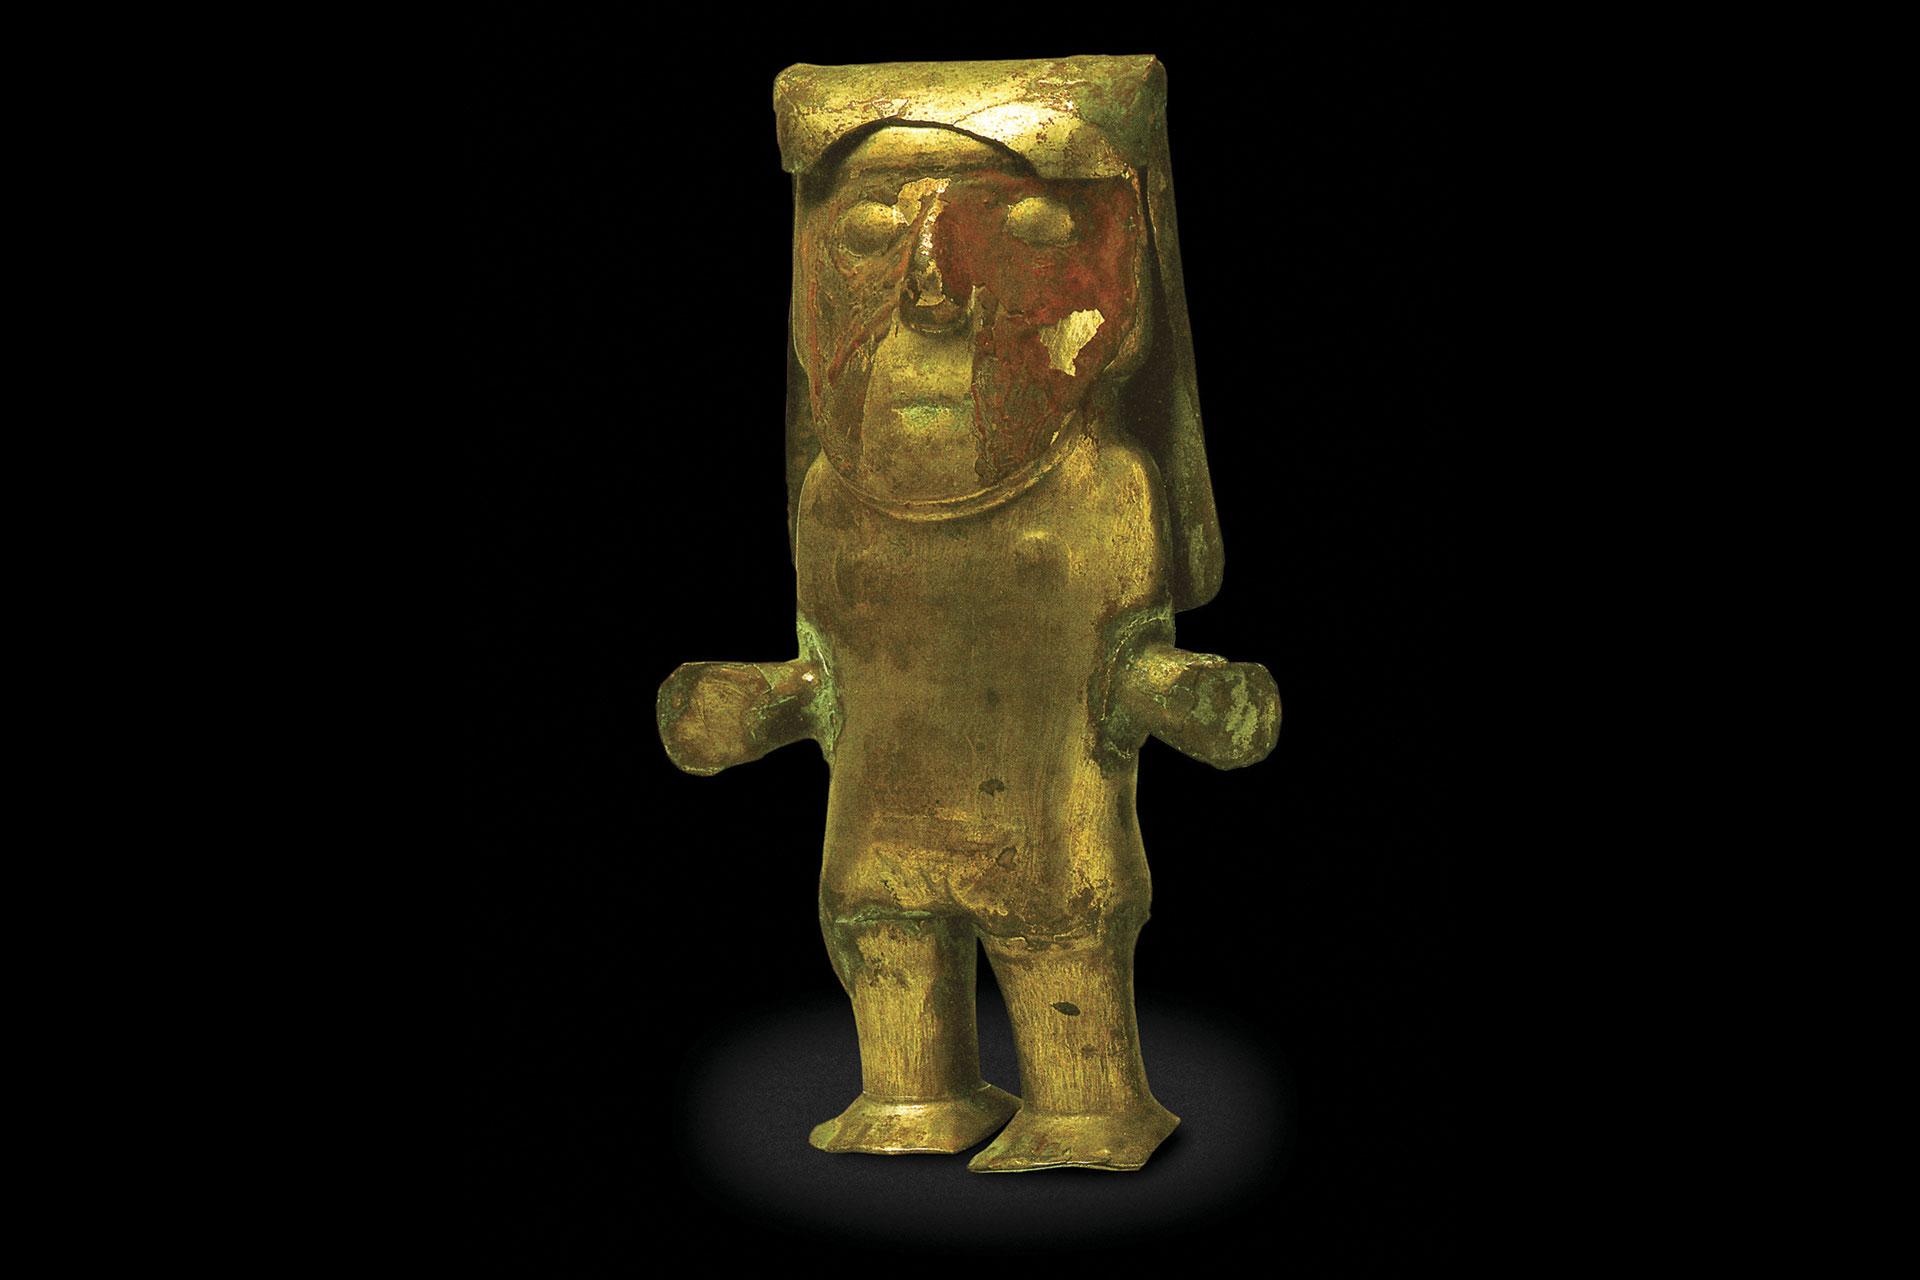 Figura antropomorfa de cobre dorado. Cultura Wari.